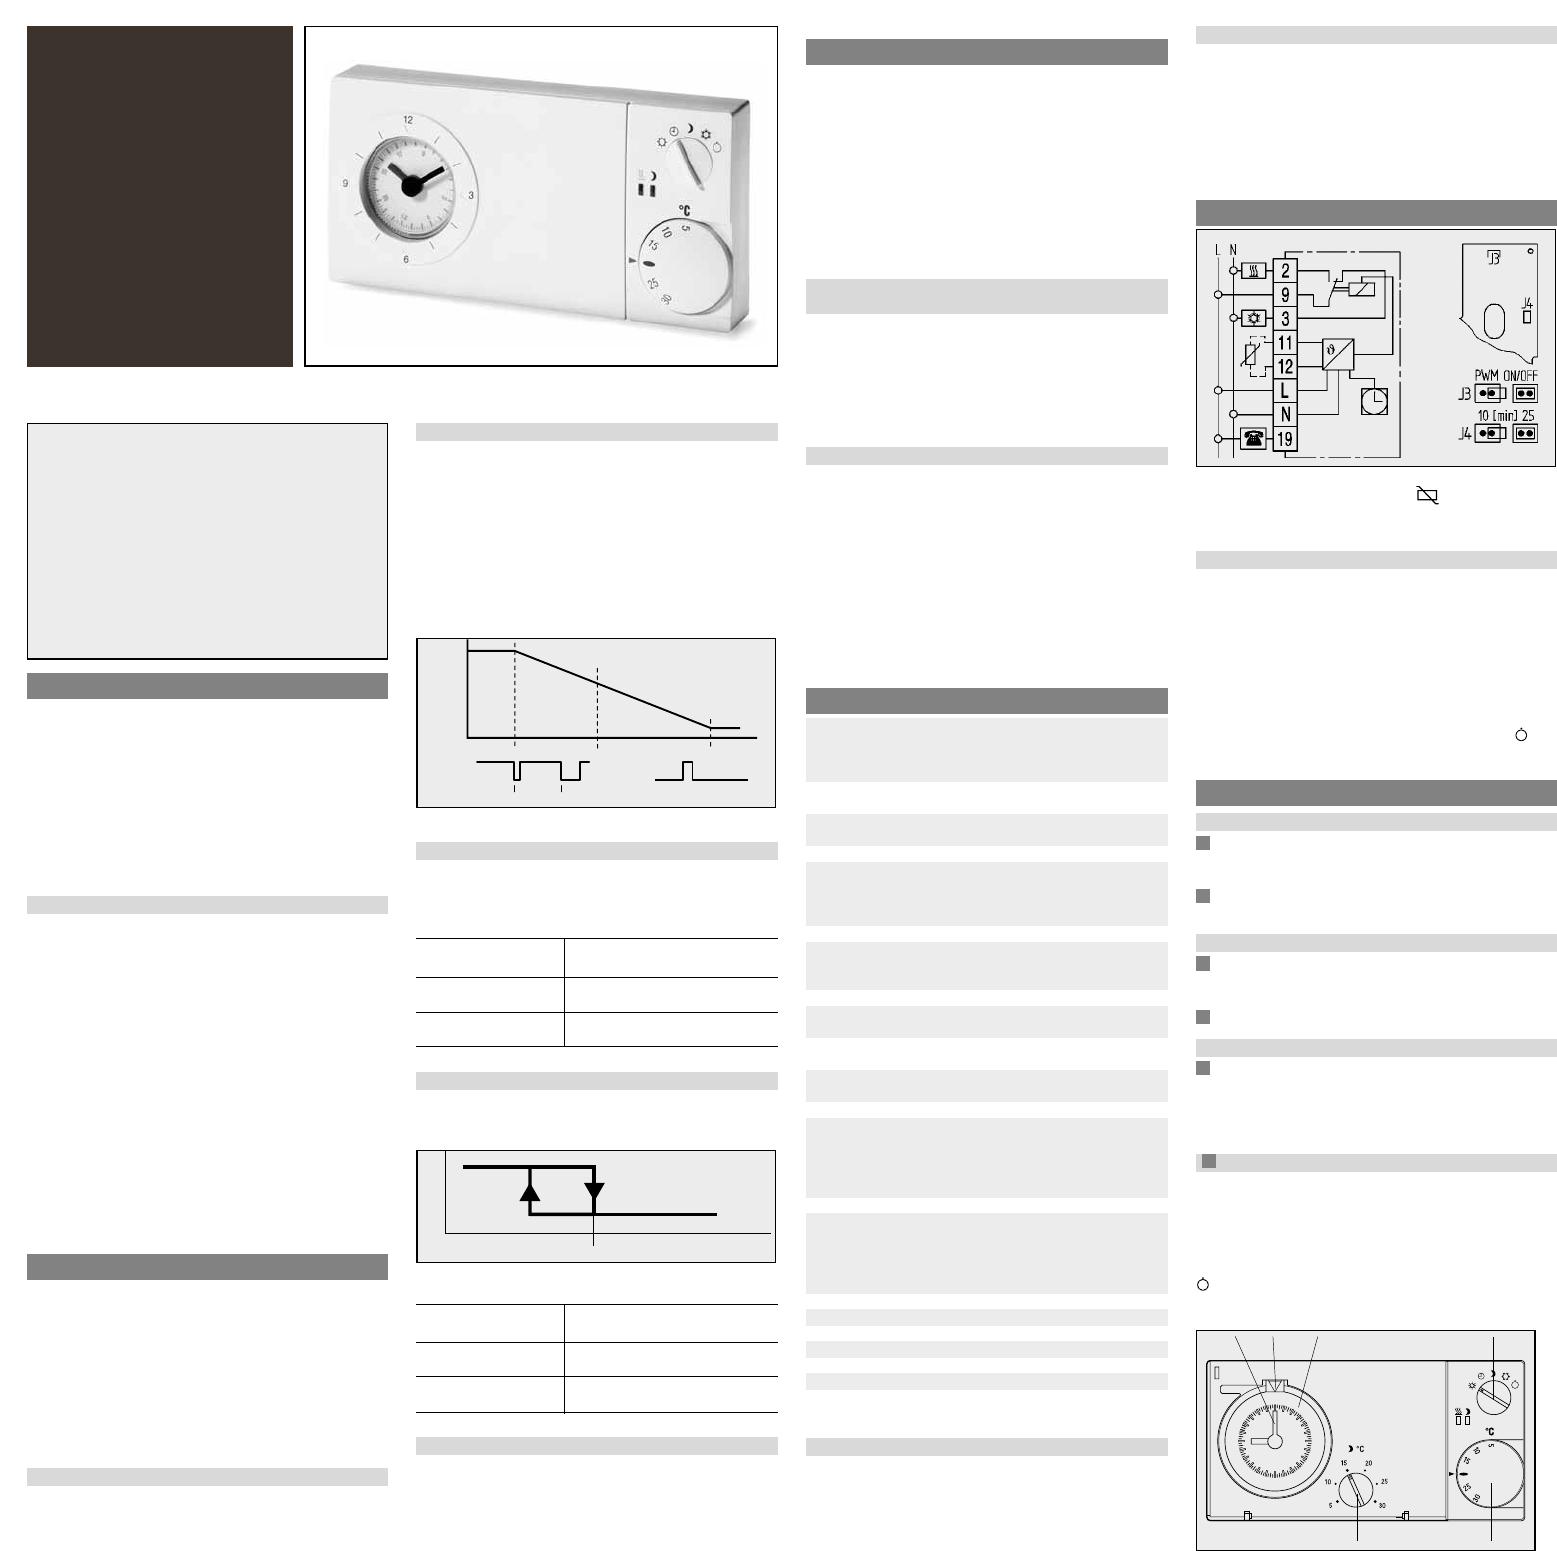 bedienungsanleitung eberle easy 3 sw seite 2 von 3. Black Bedroom Furniture Sets. Home Design Ideas